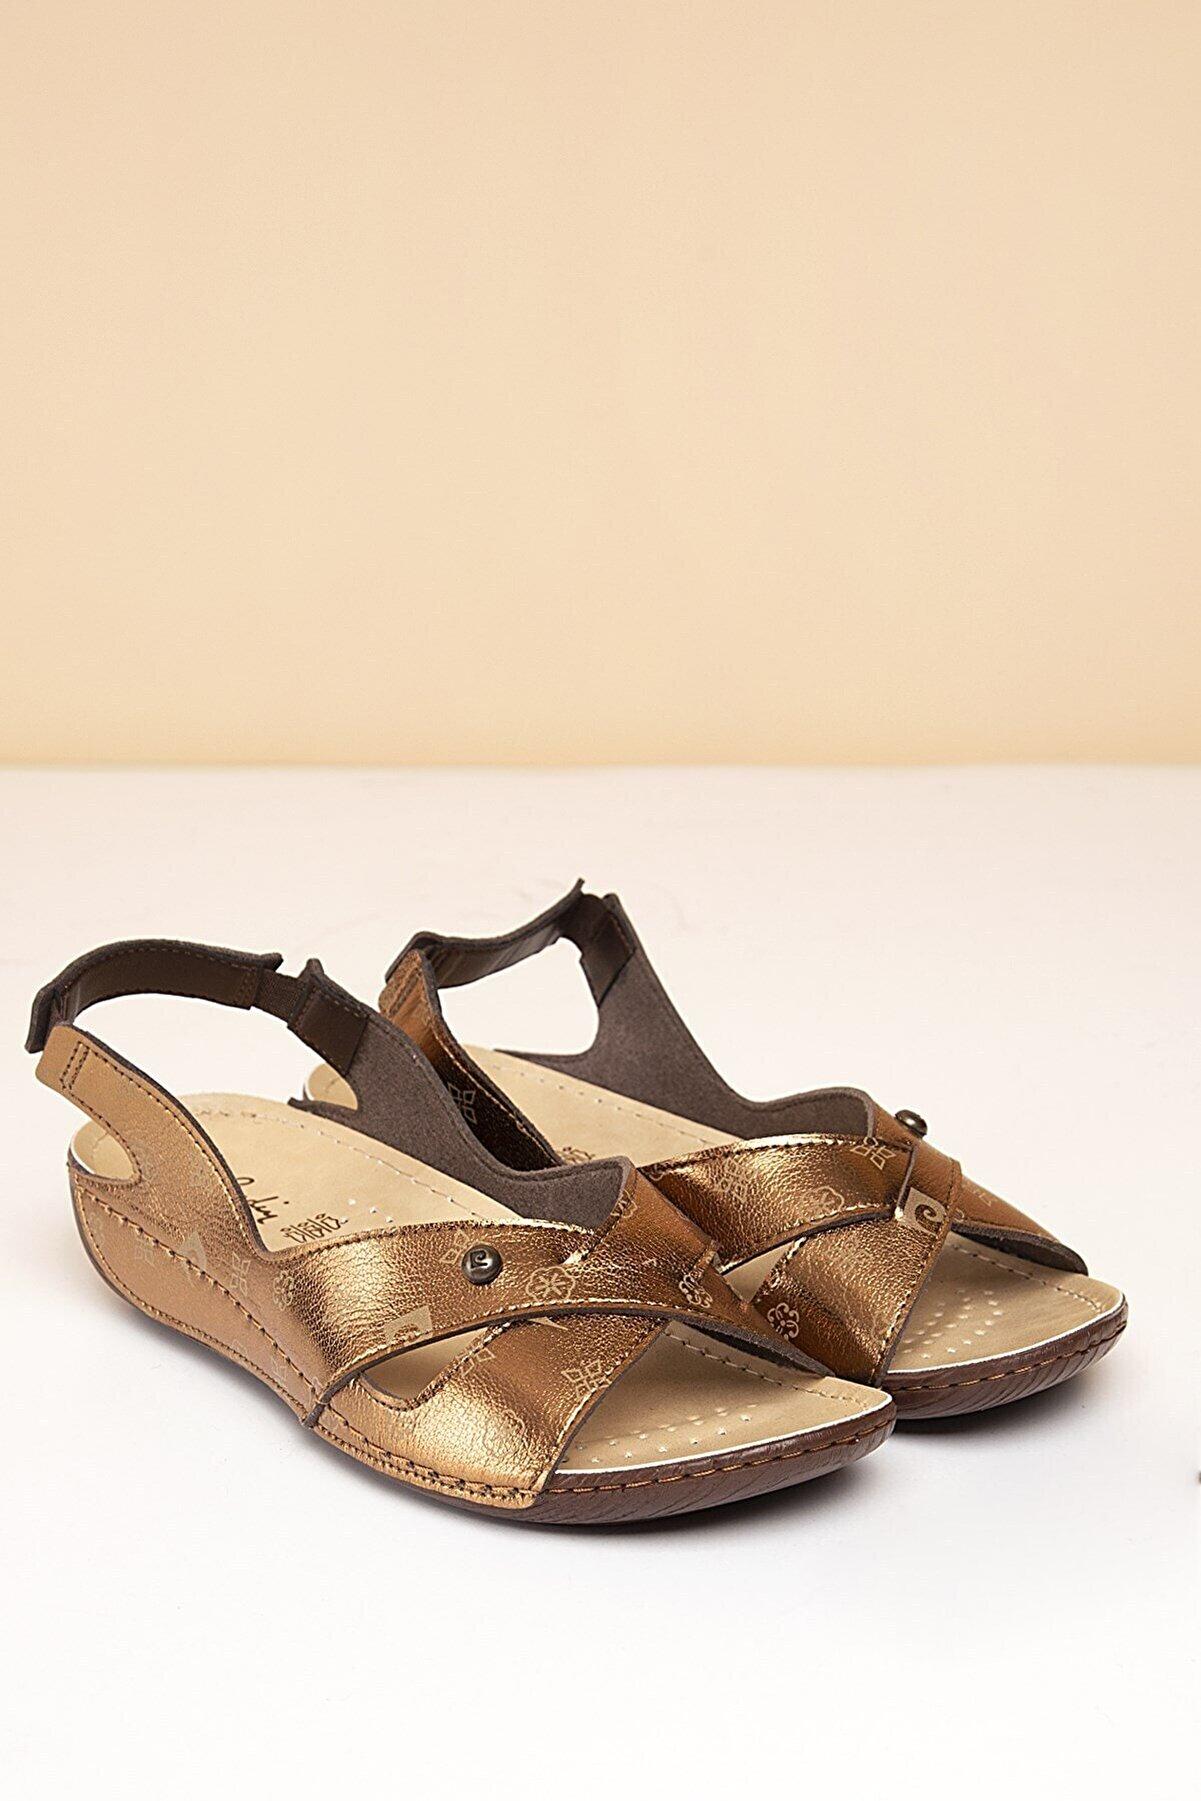 Pierre Cardin Pc-1361 Bronz-bej Kadın Sandalet